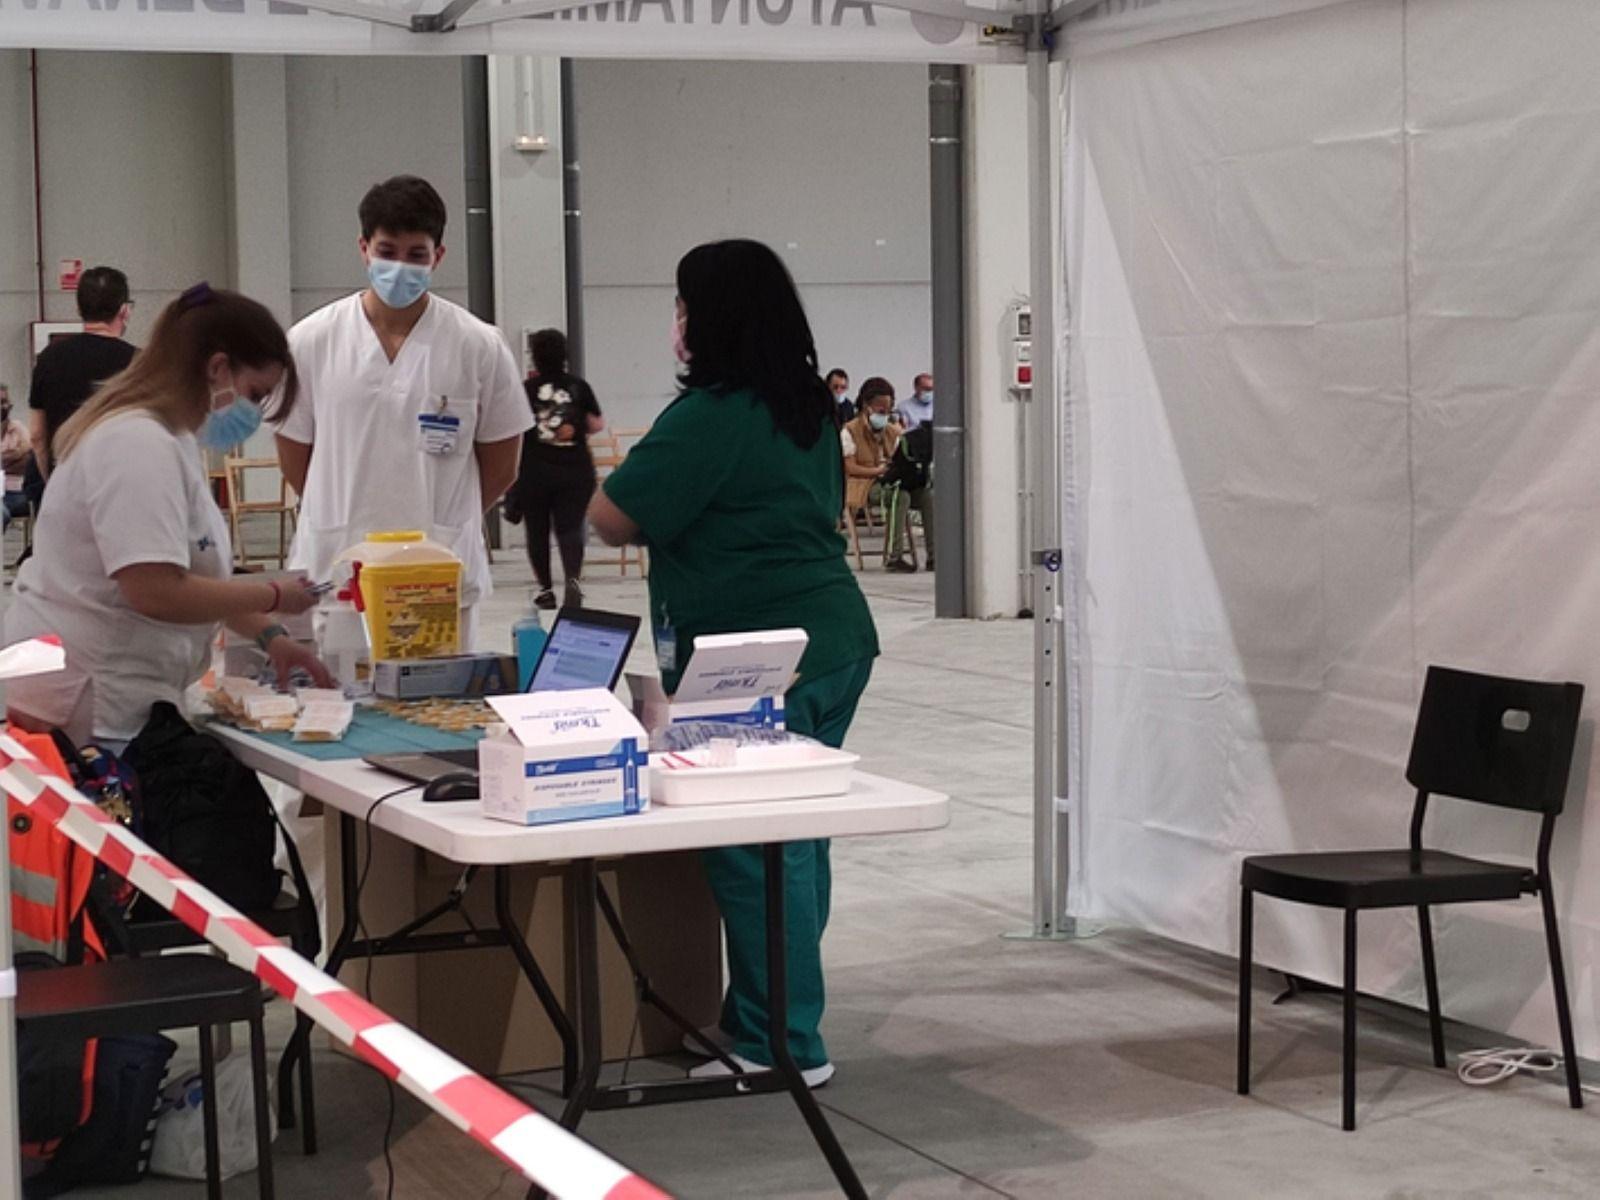 GALERÍA   Benavente estrena vacunódromo: las imágenes